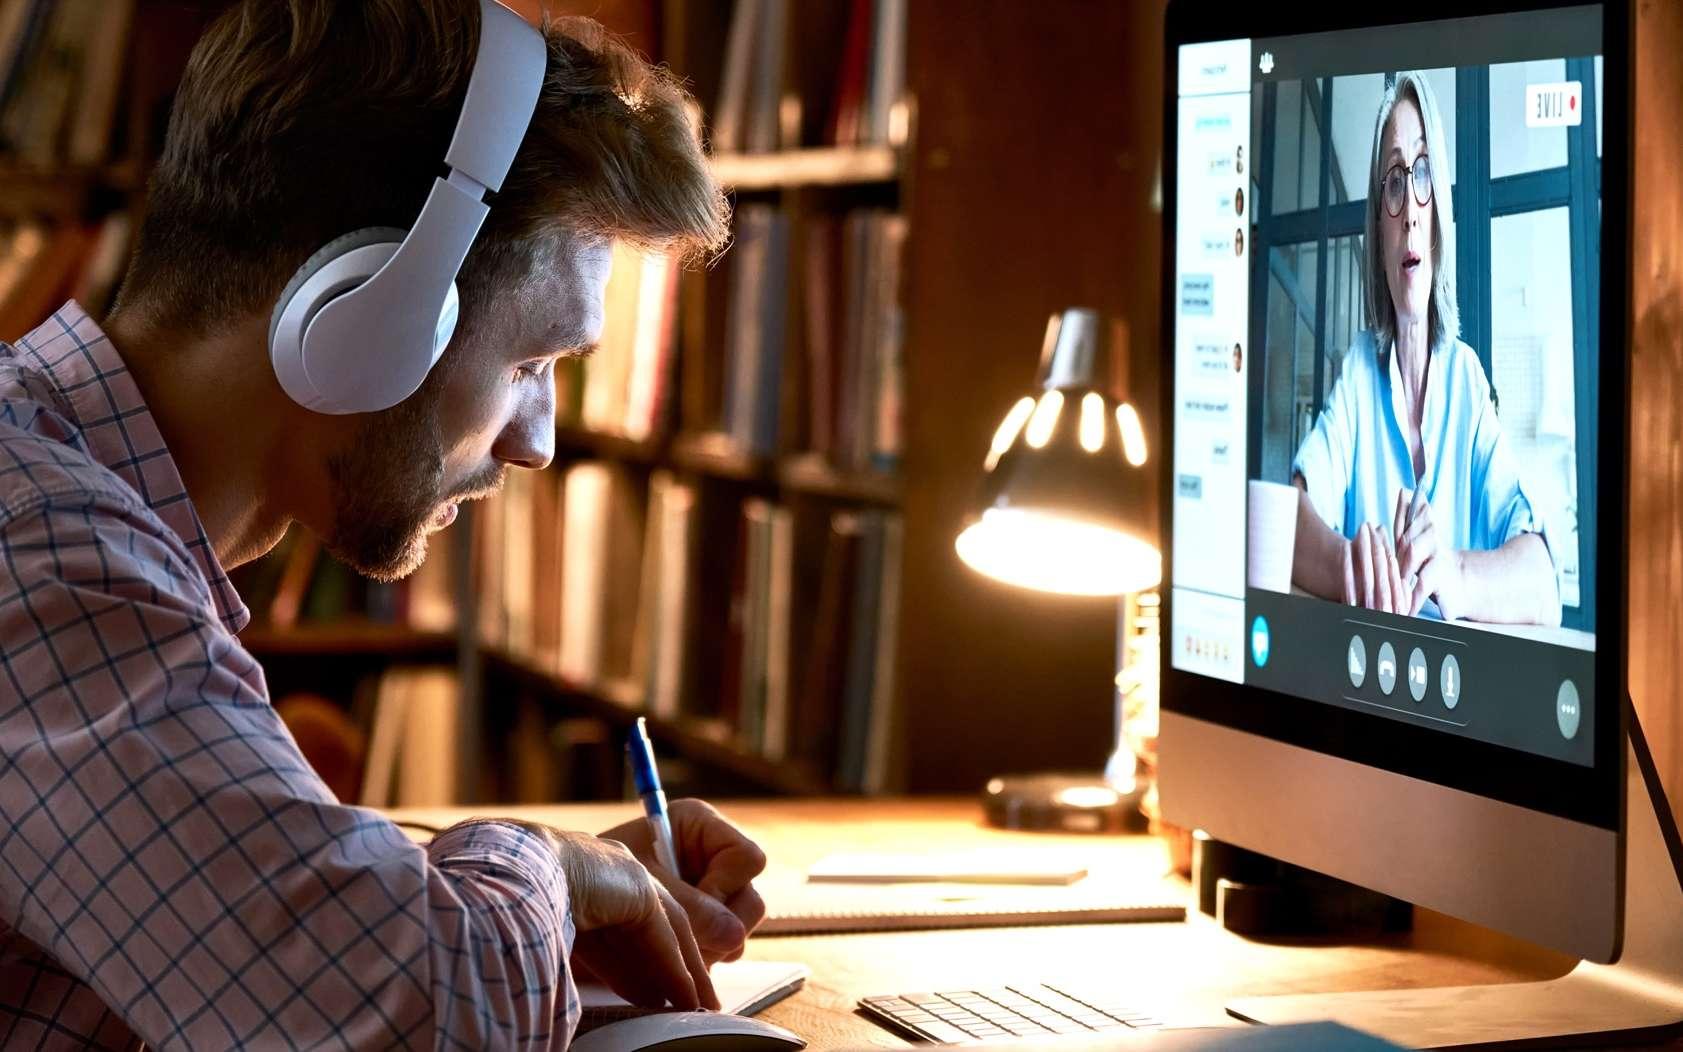 Acquérir de nouvelles compétences avec le compte personnel de formation ou CPF. © insta_photos, Adobe Stock